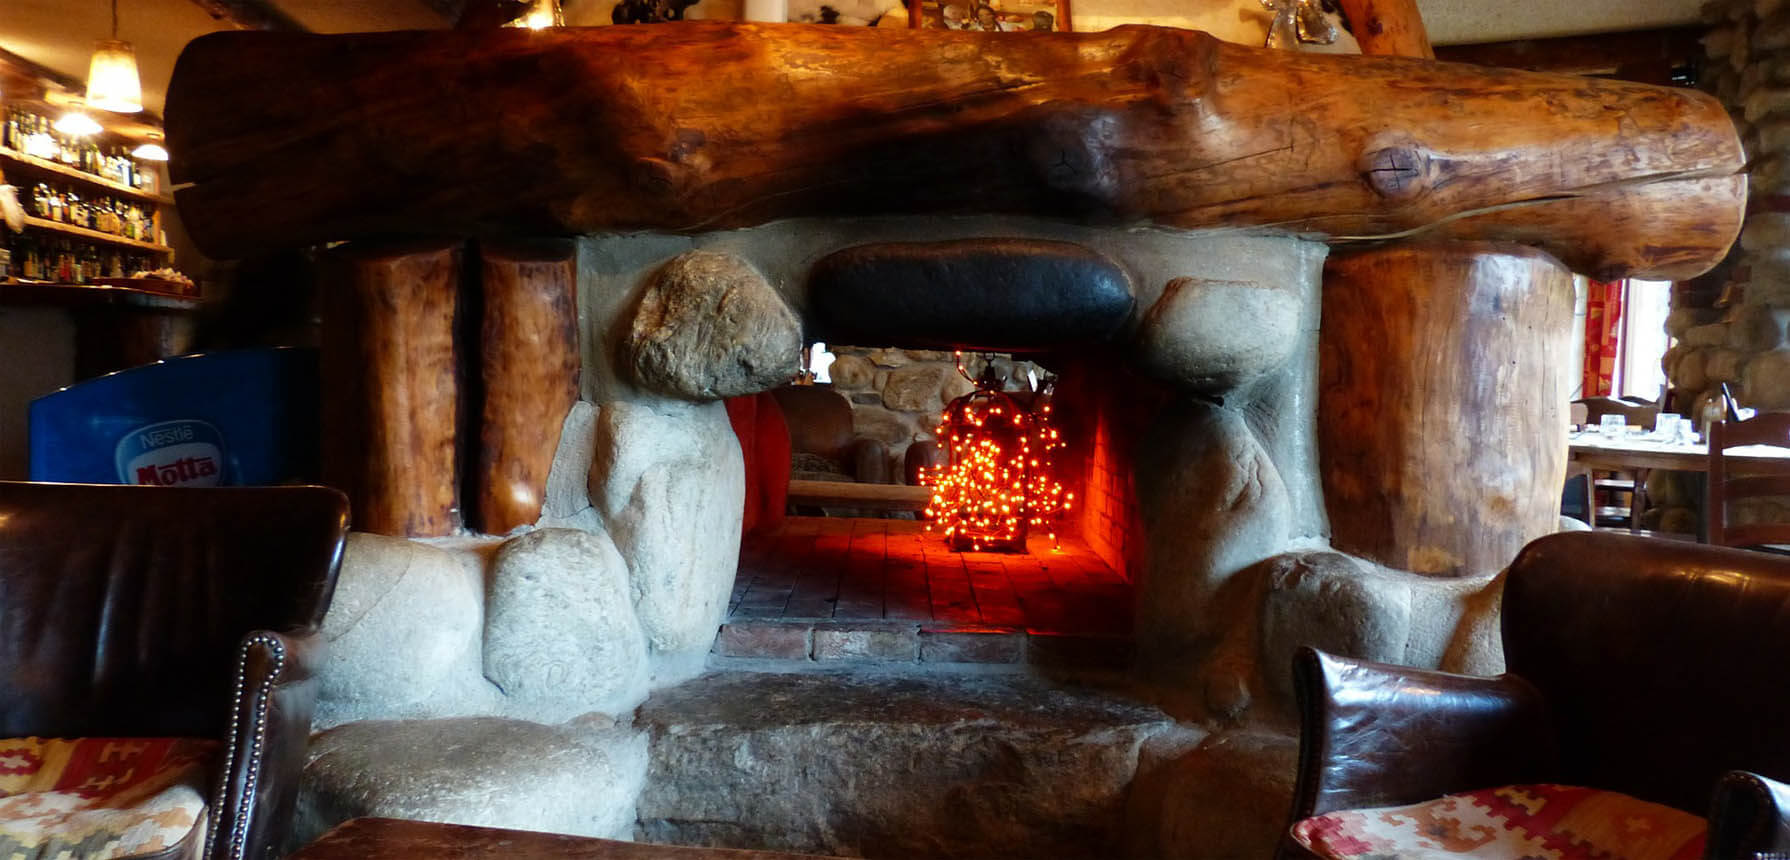 Chimeneas rusticas en casa - Cocinar en la chimenea ...